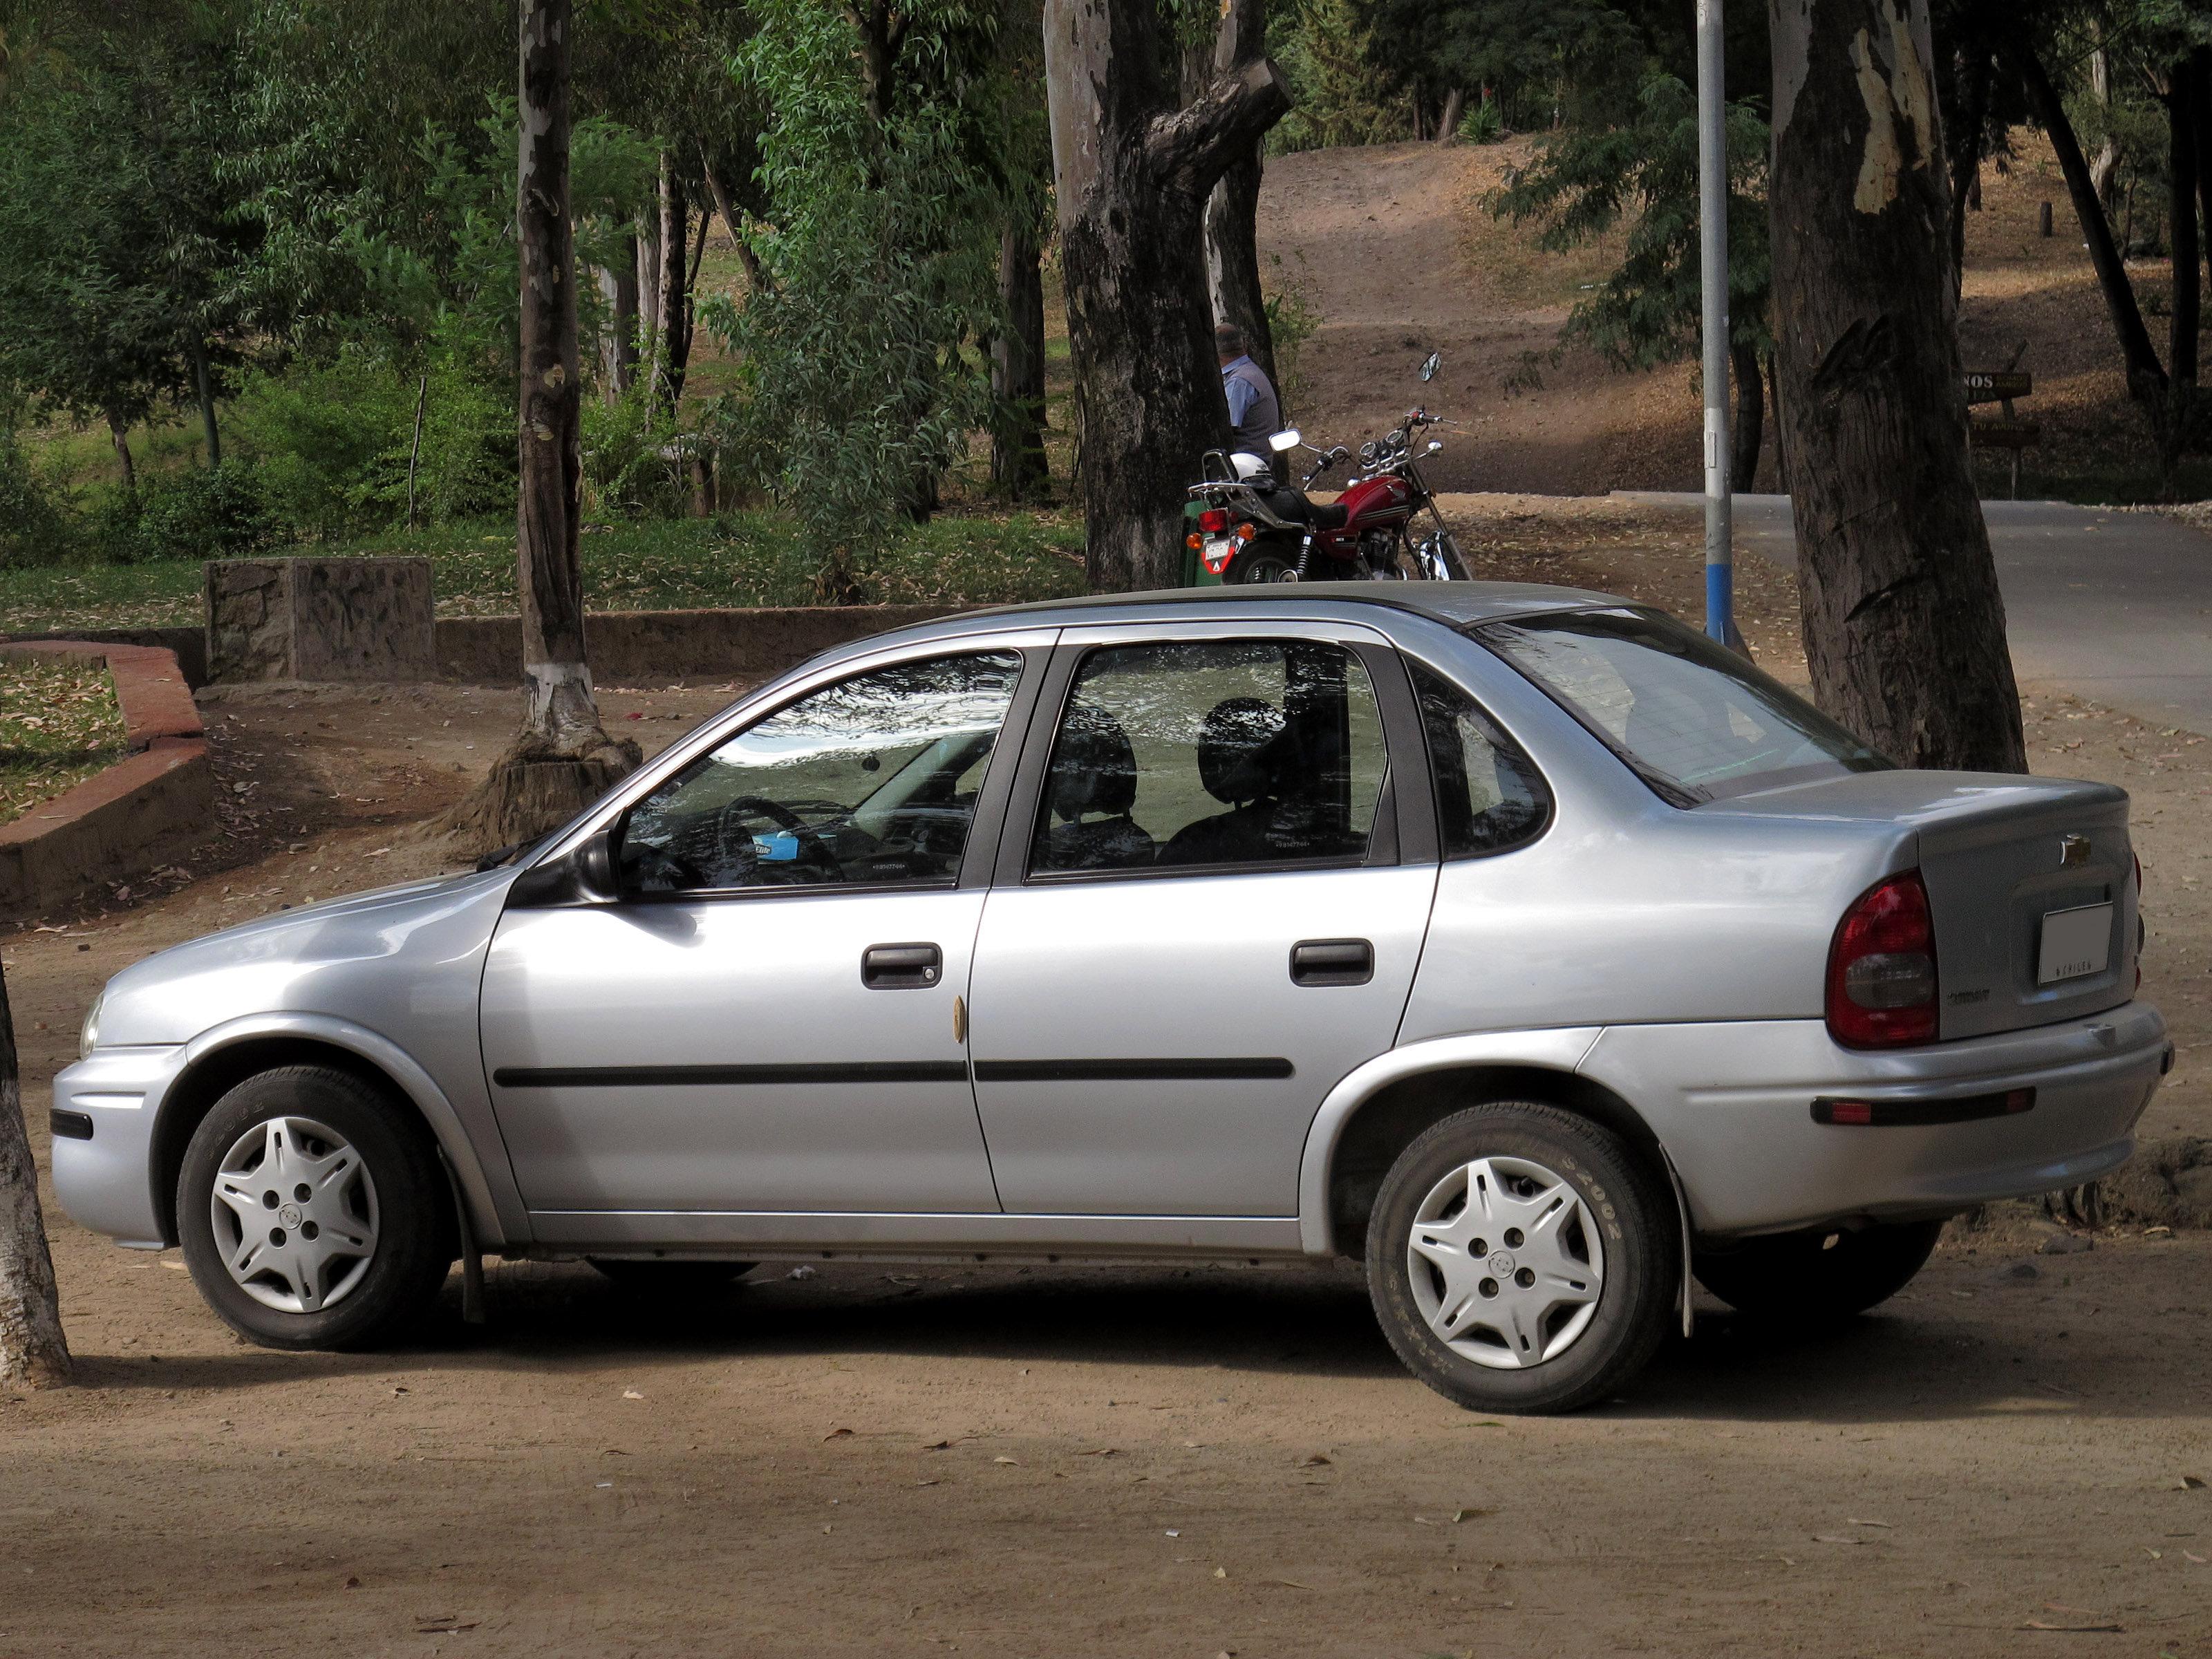 Un Chevrolet Corsa sedán, uno de los autos más robados de Argentina.